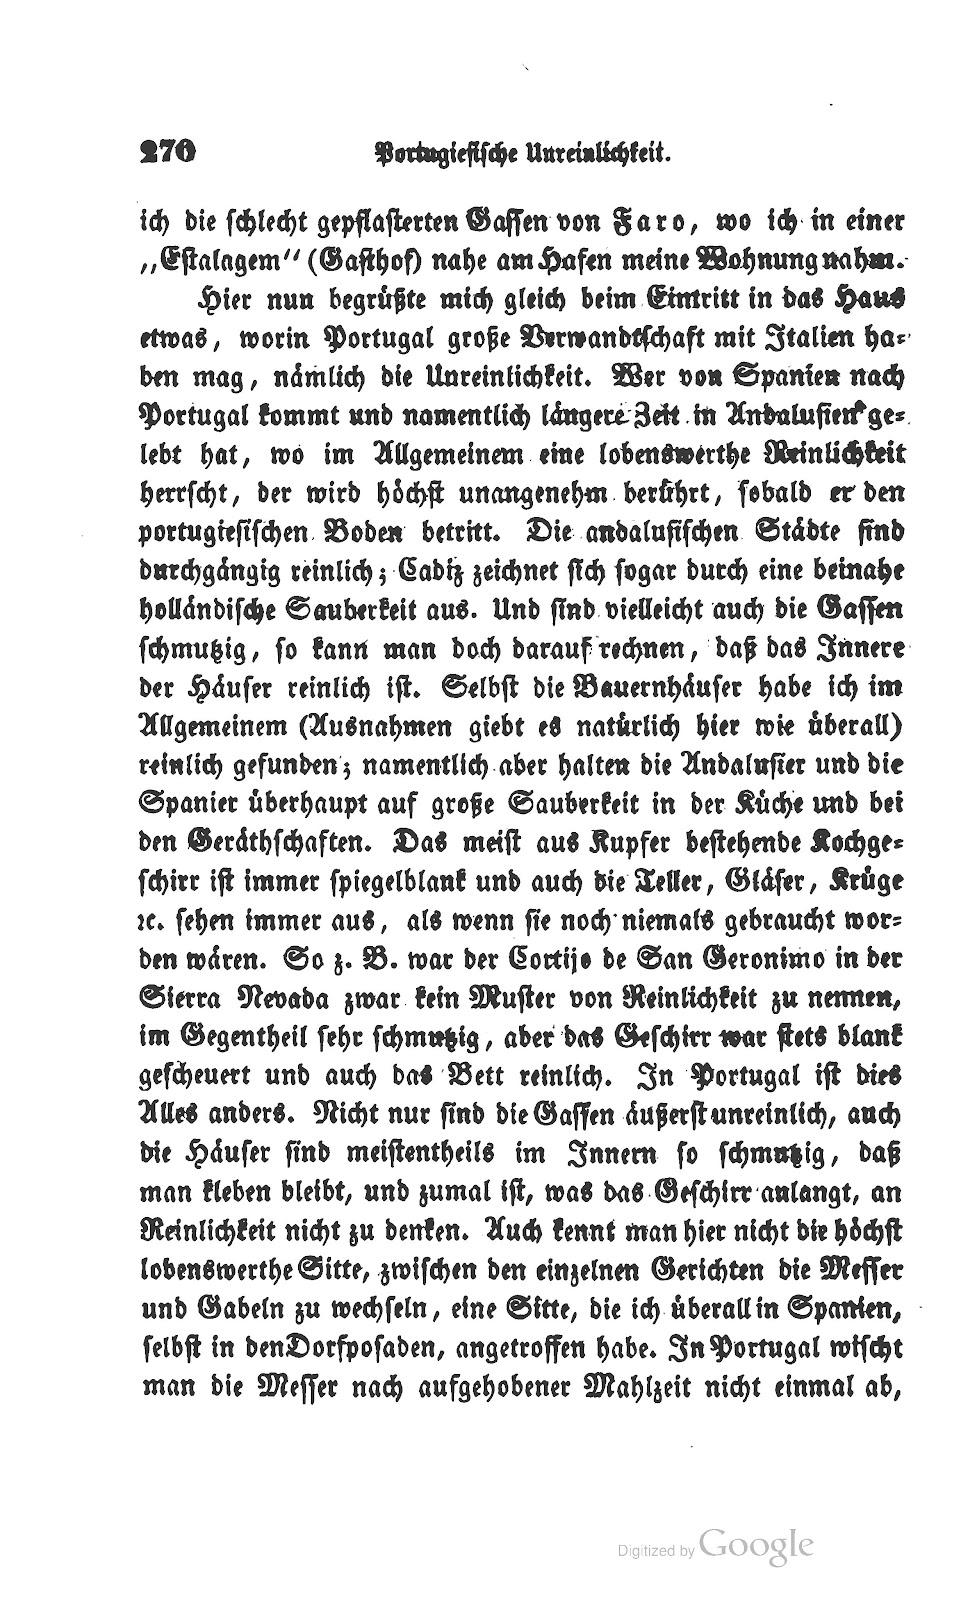 WIllkomm - 10. Kapitel Pages from Zwei_Jahre_in_Spanien_und_Portugal(3)_Page_12.jpg